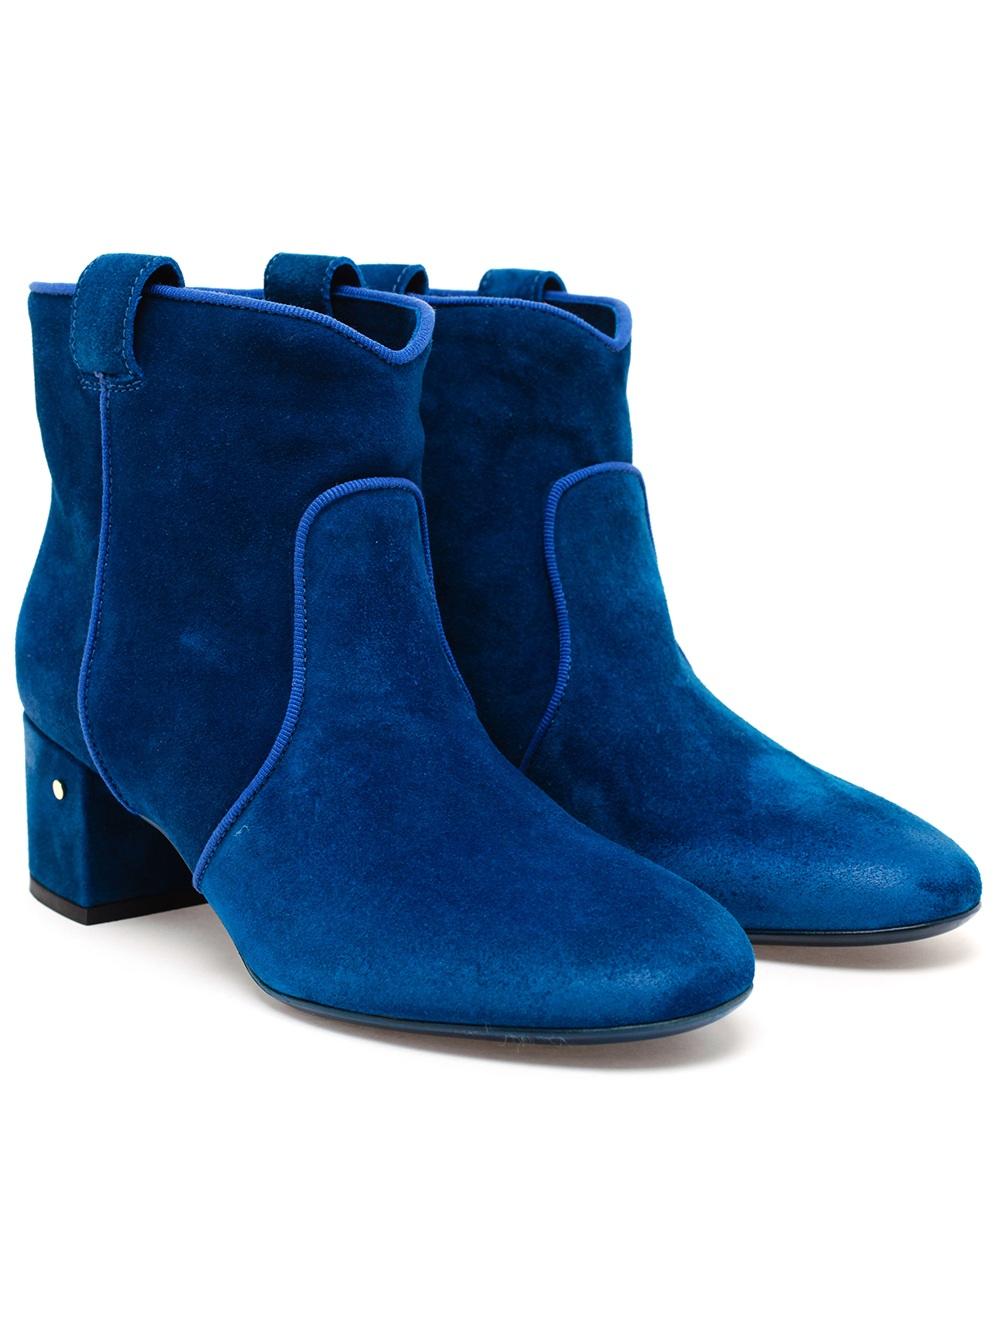 Laurence dacade Belen Suede Boots in Blue   Lyst